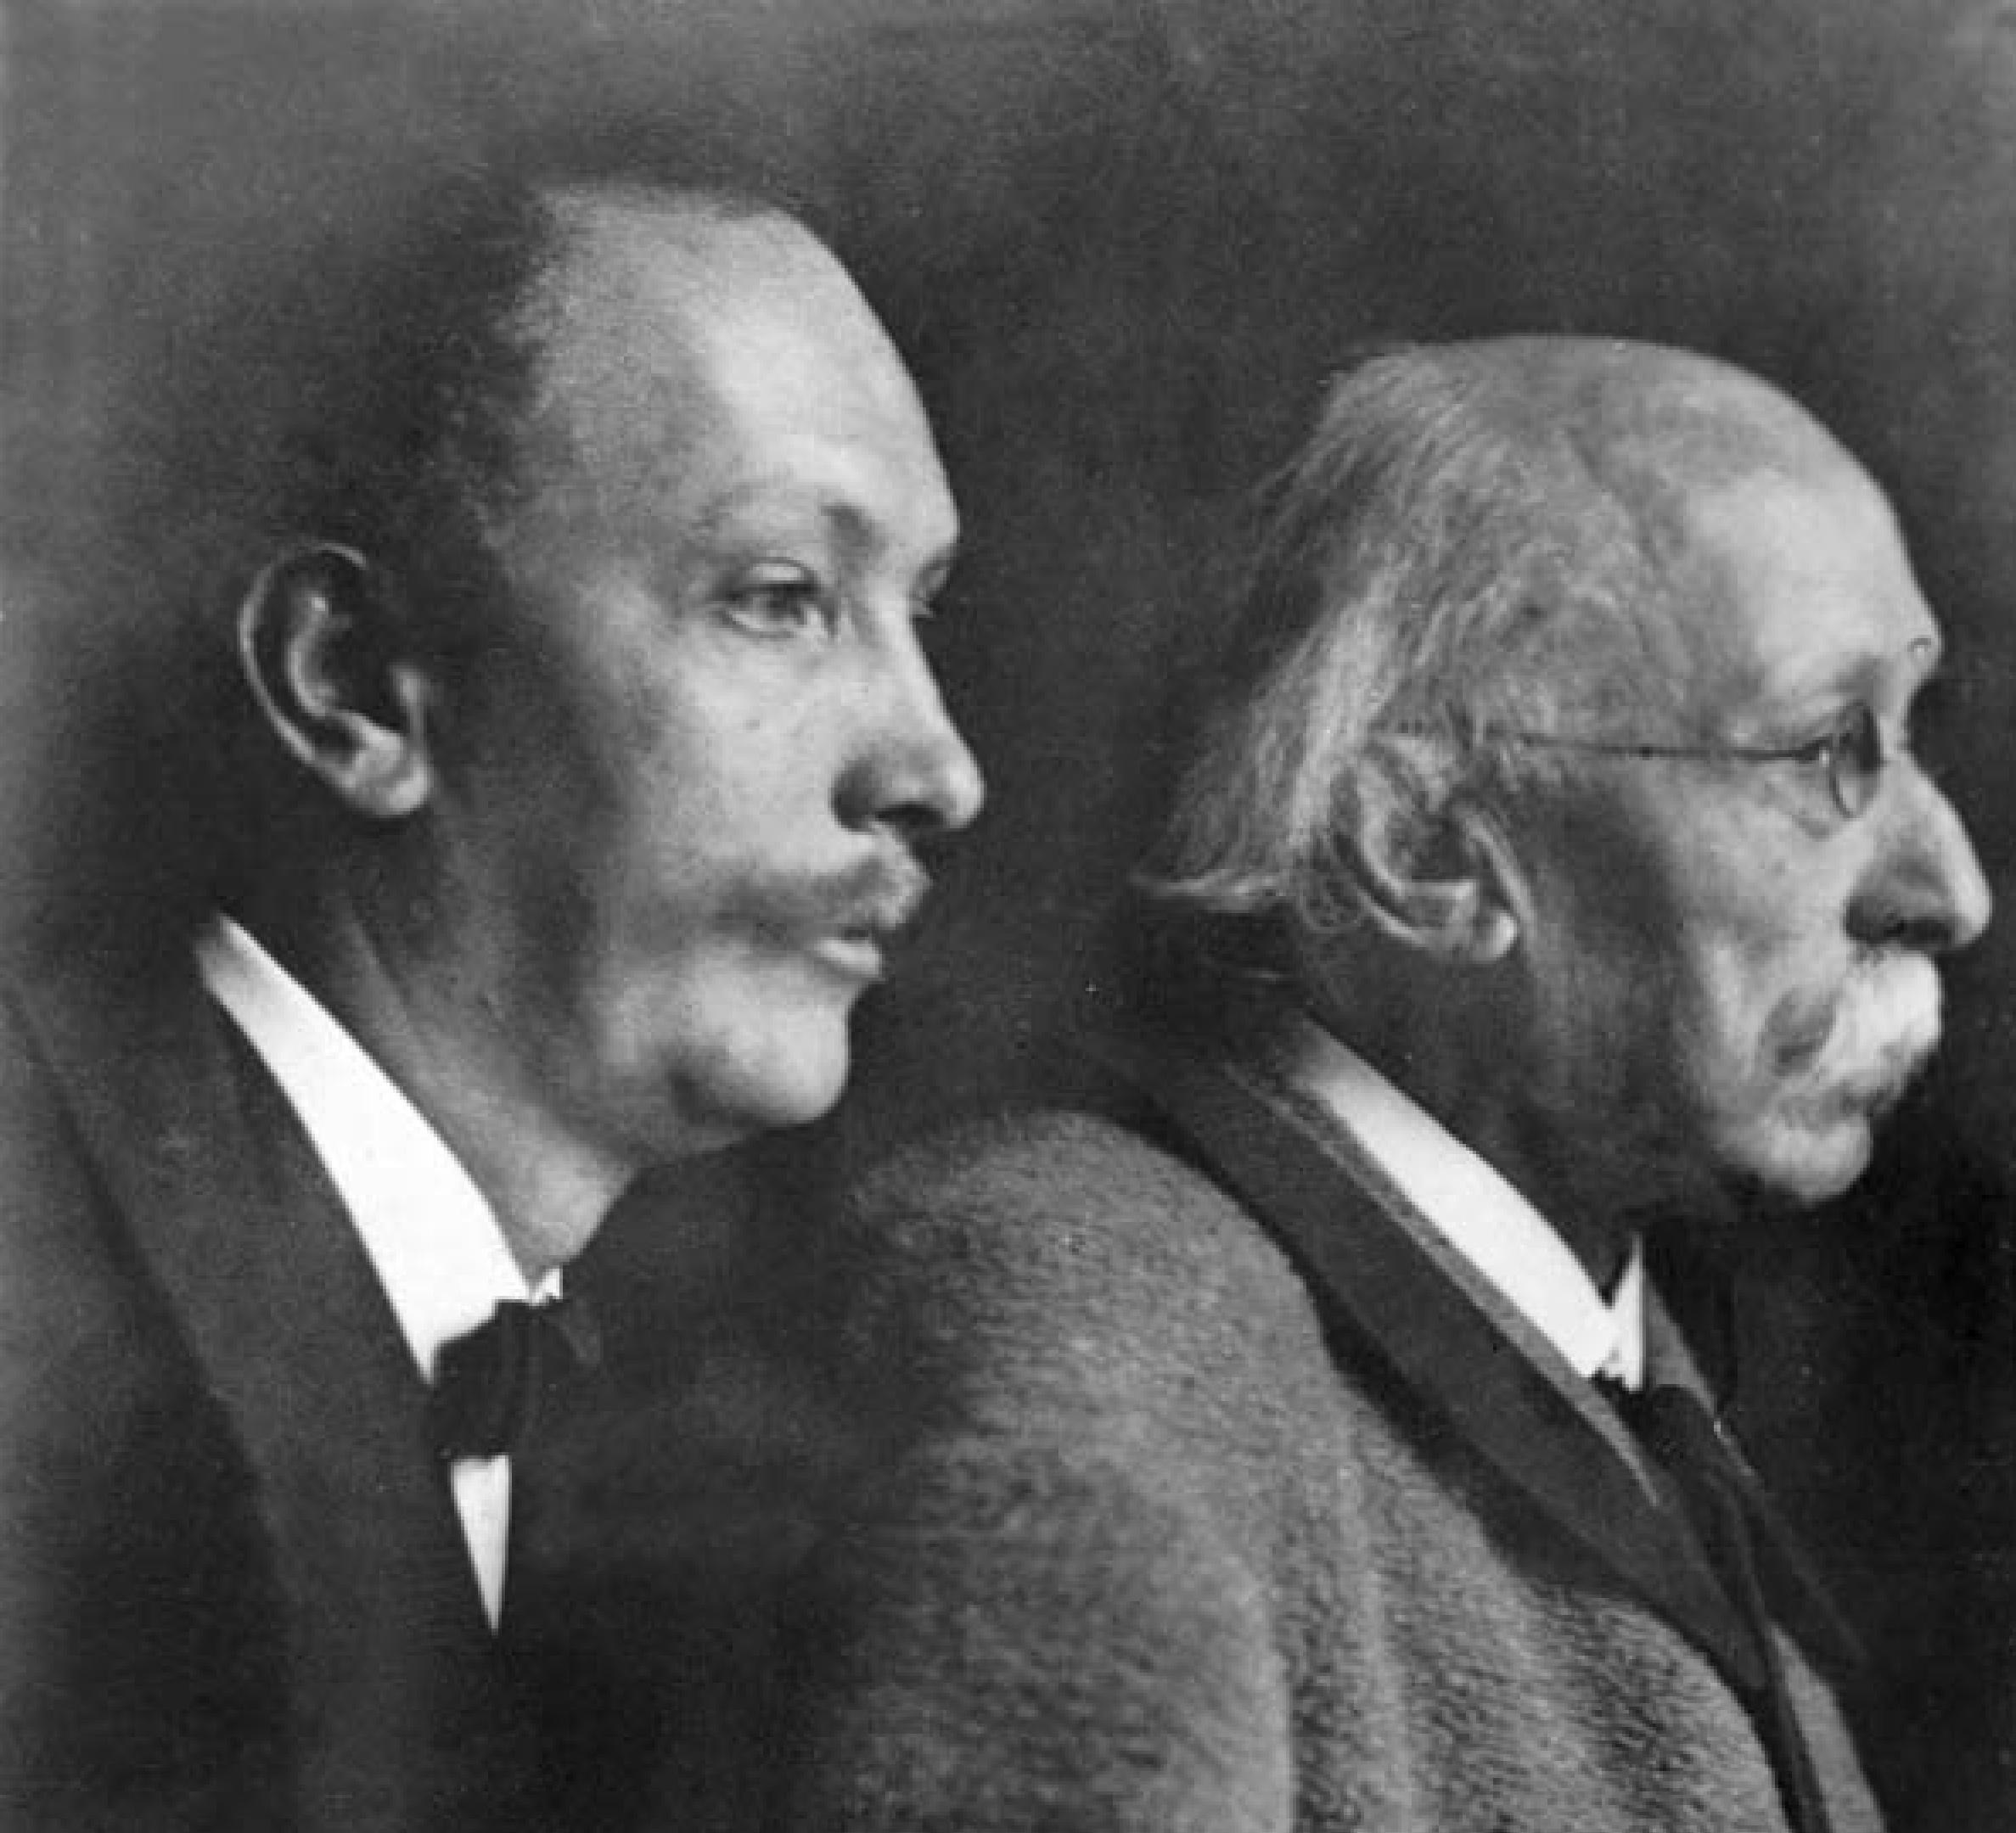 Franz et Richard STRAUSS vers 1901, Cliquer sur la photo pour une vue agrandie